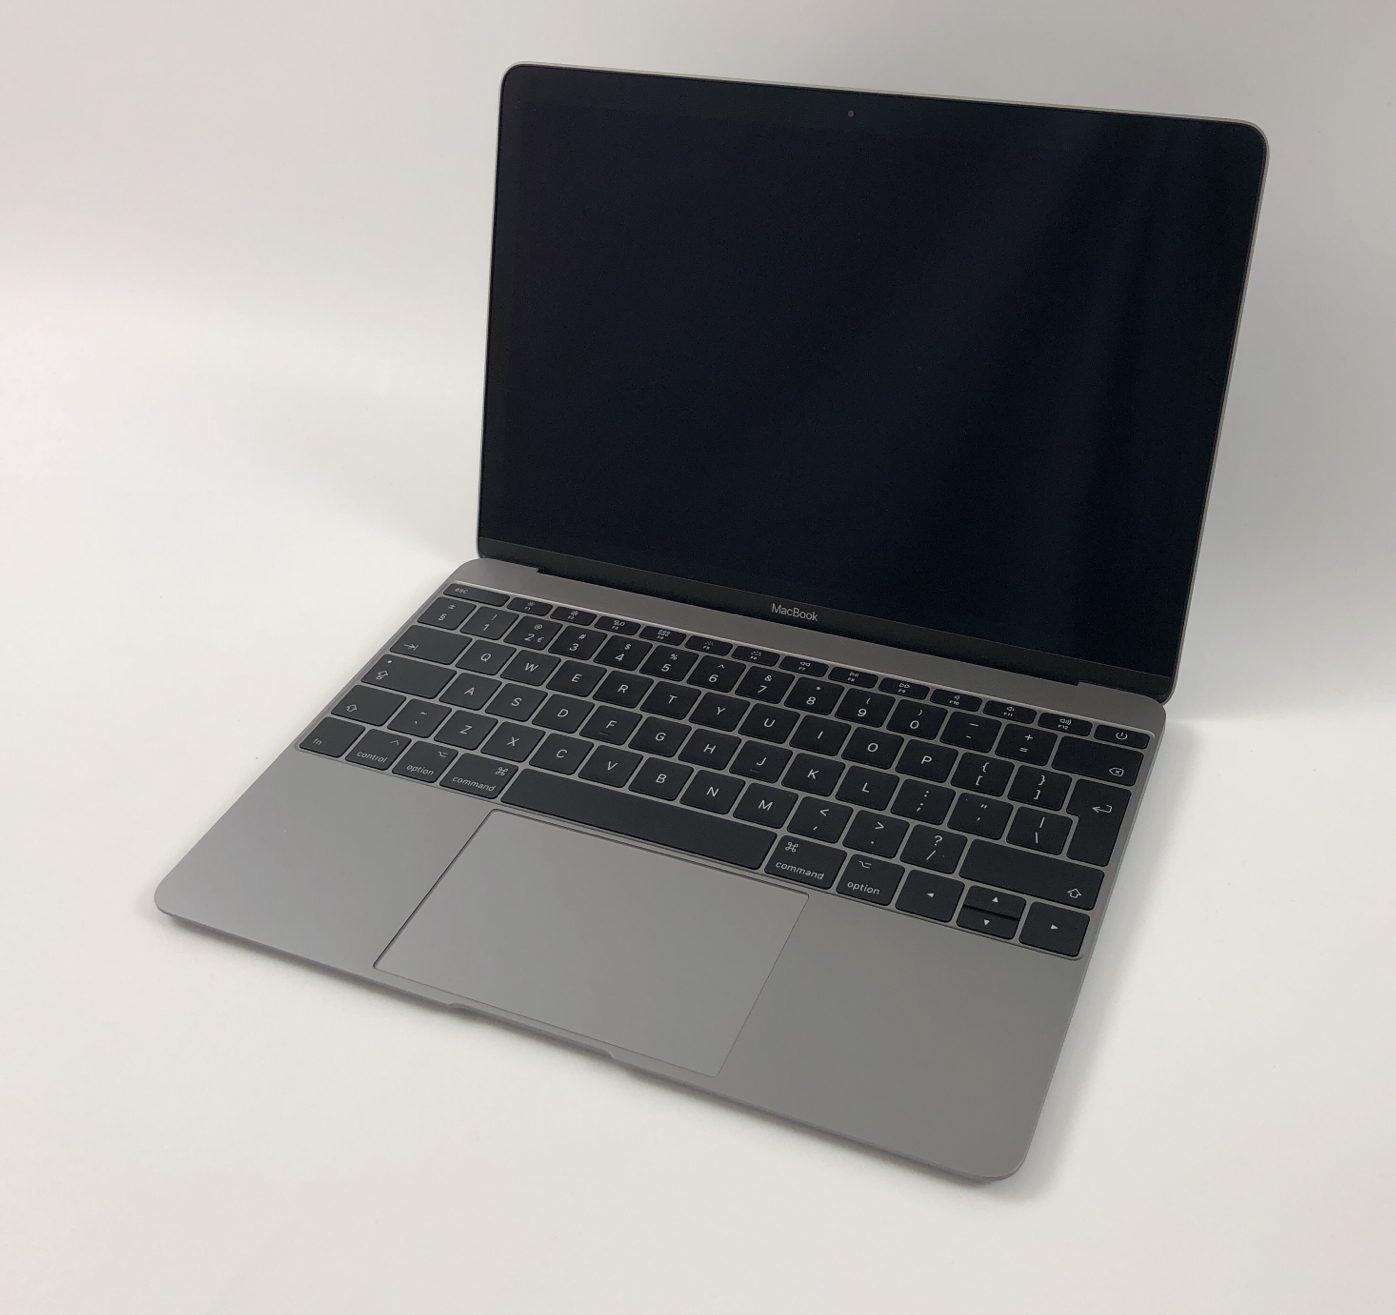 """MacBook 12"""" Mid 2017 (Intel Core m3 1.2 GHz 8 GB RAM 256 GB SSD), Space Gray, Intel Core m3 1.2 GHz, 8 GB RAM, 256 GB SSD, Afbeelding 1"""